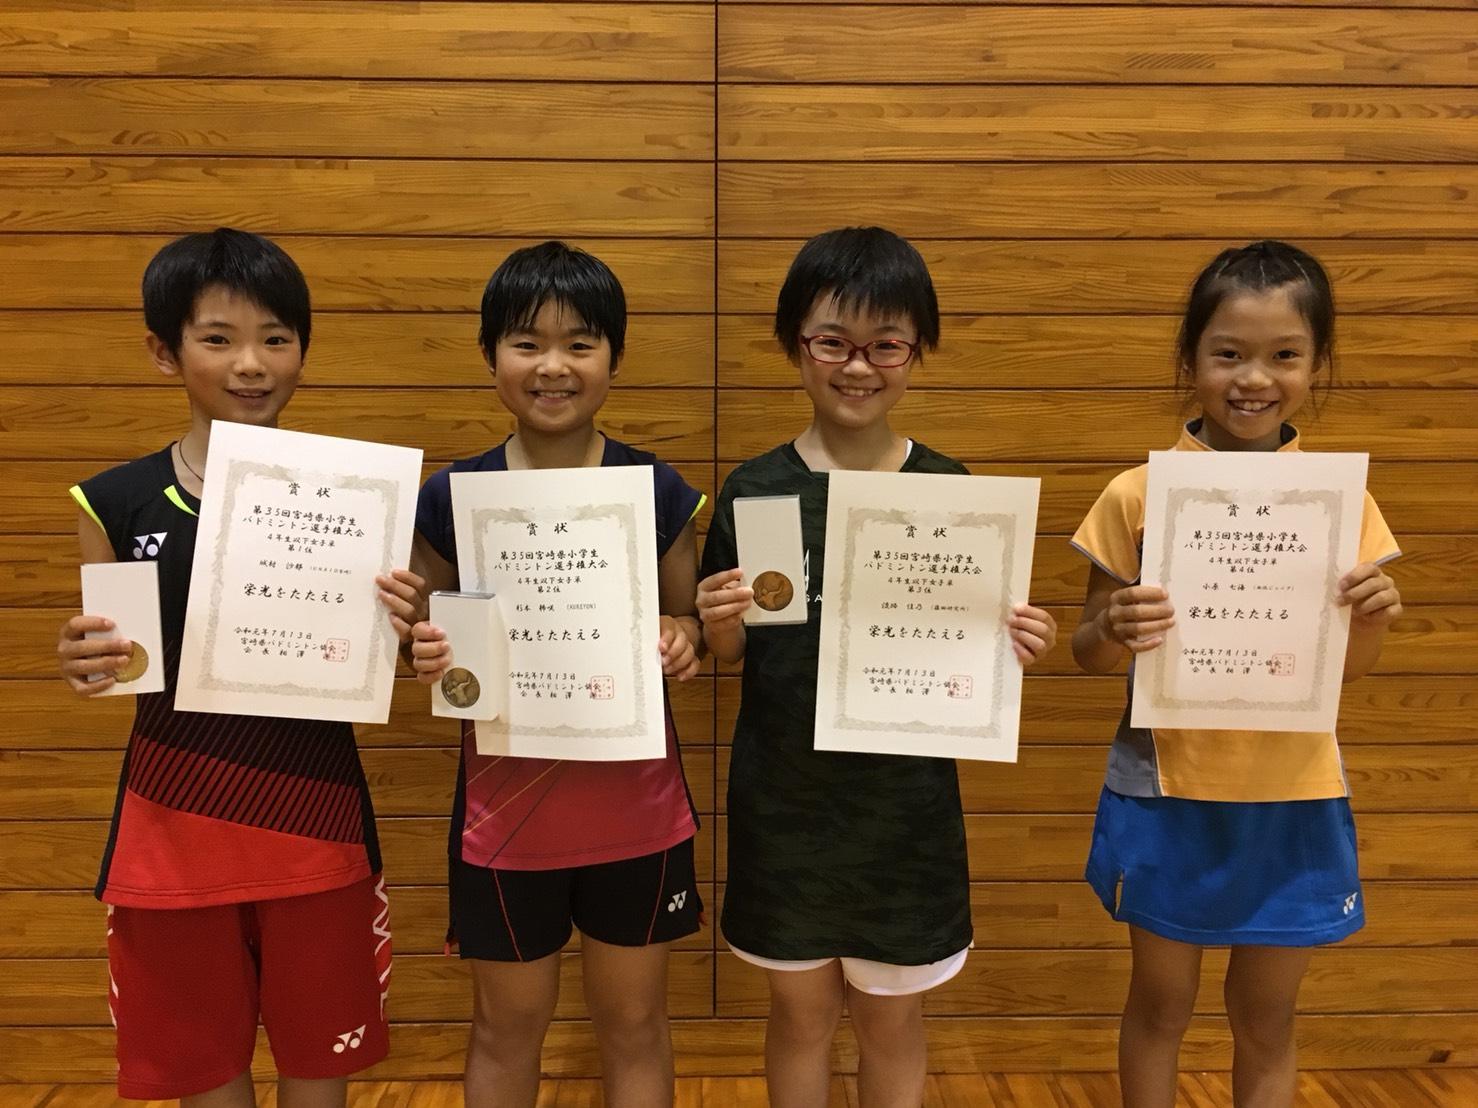 第35回宮崎県小学生バドミントン選手権大会 結果